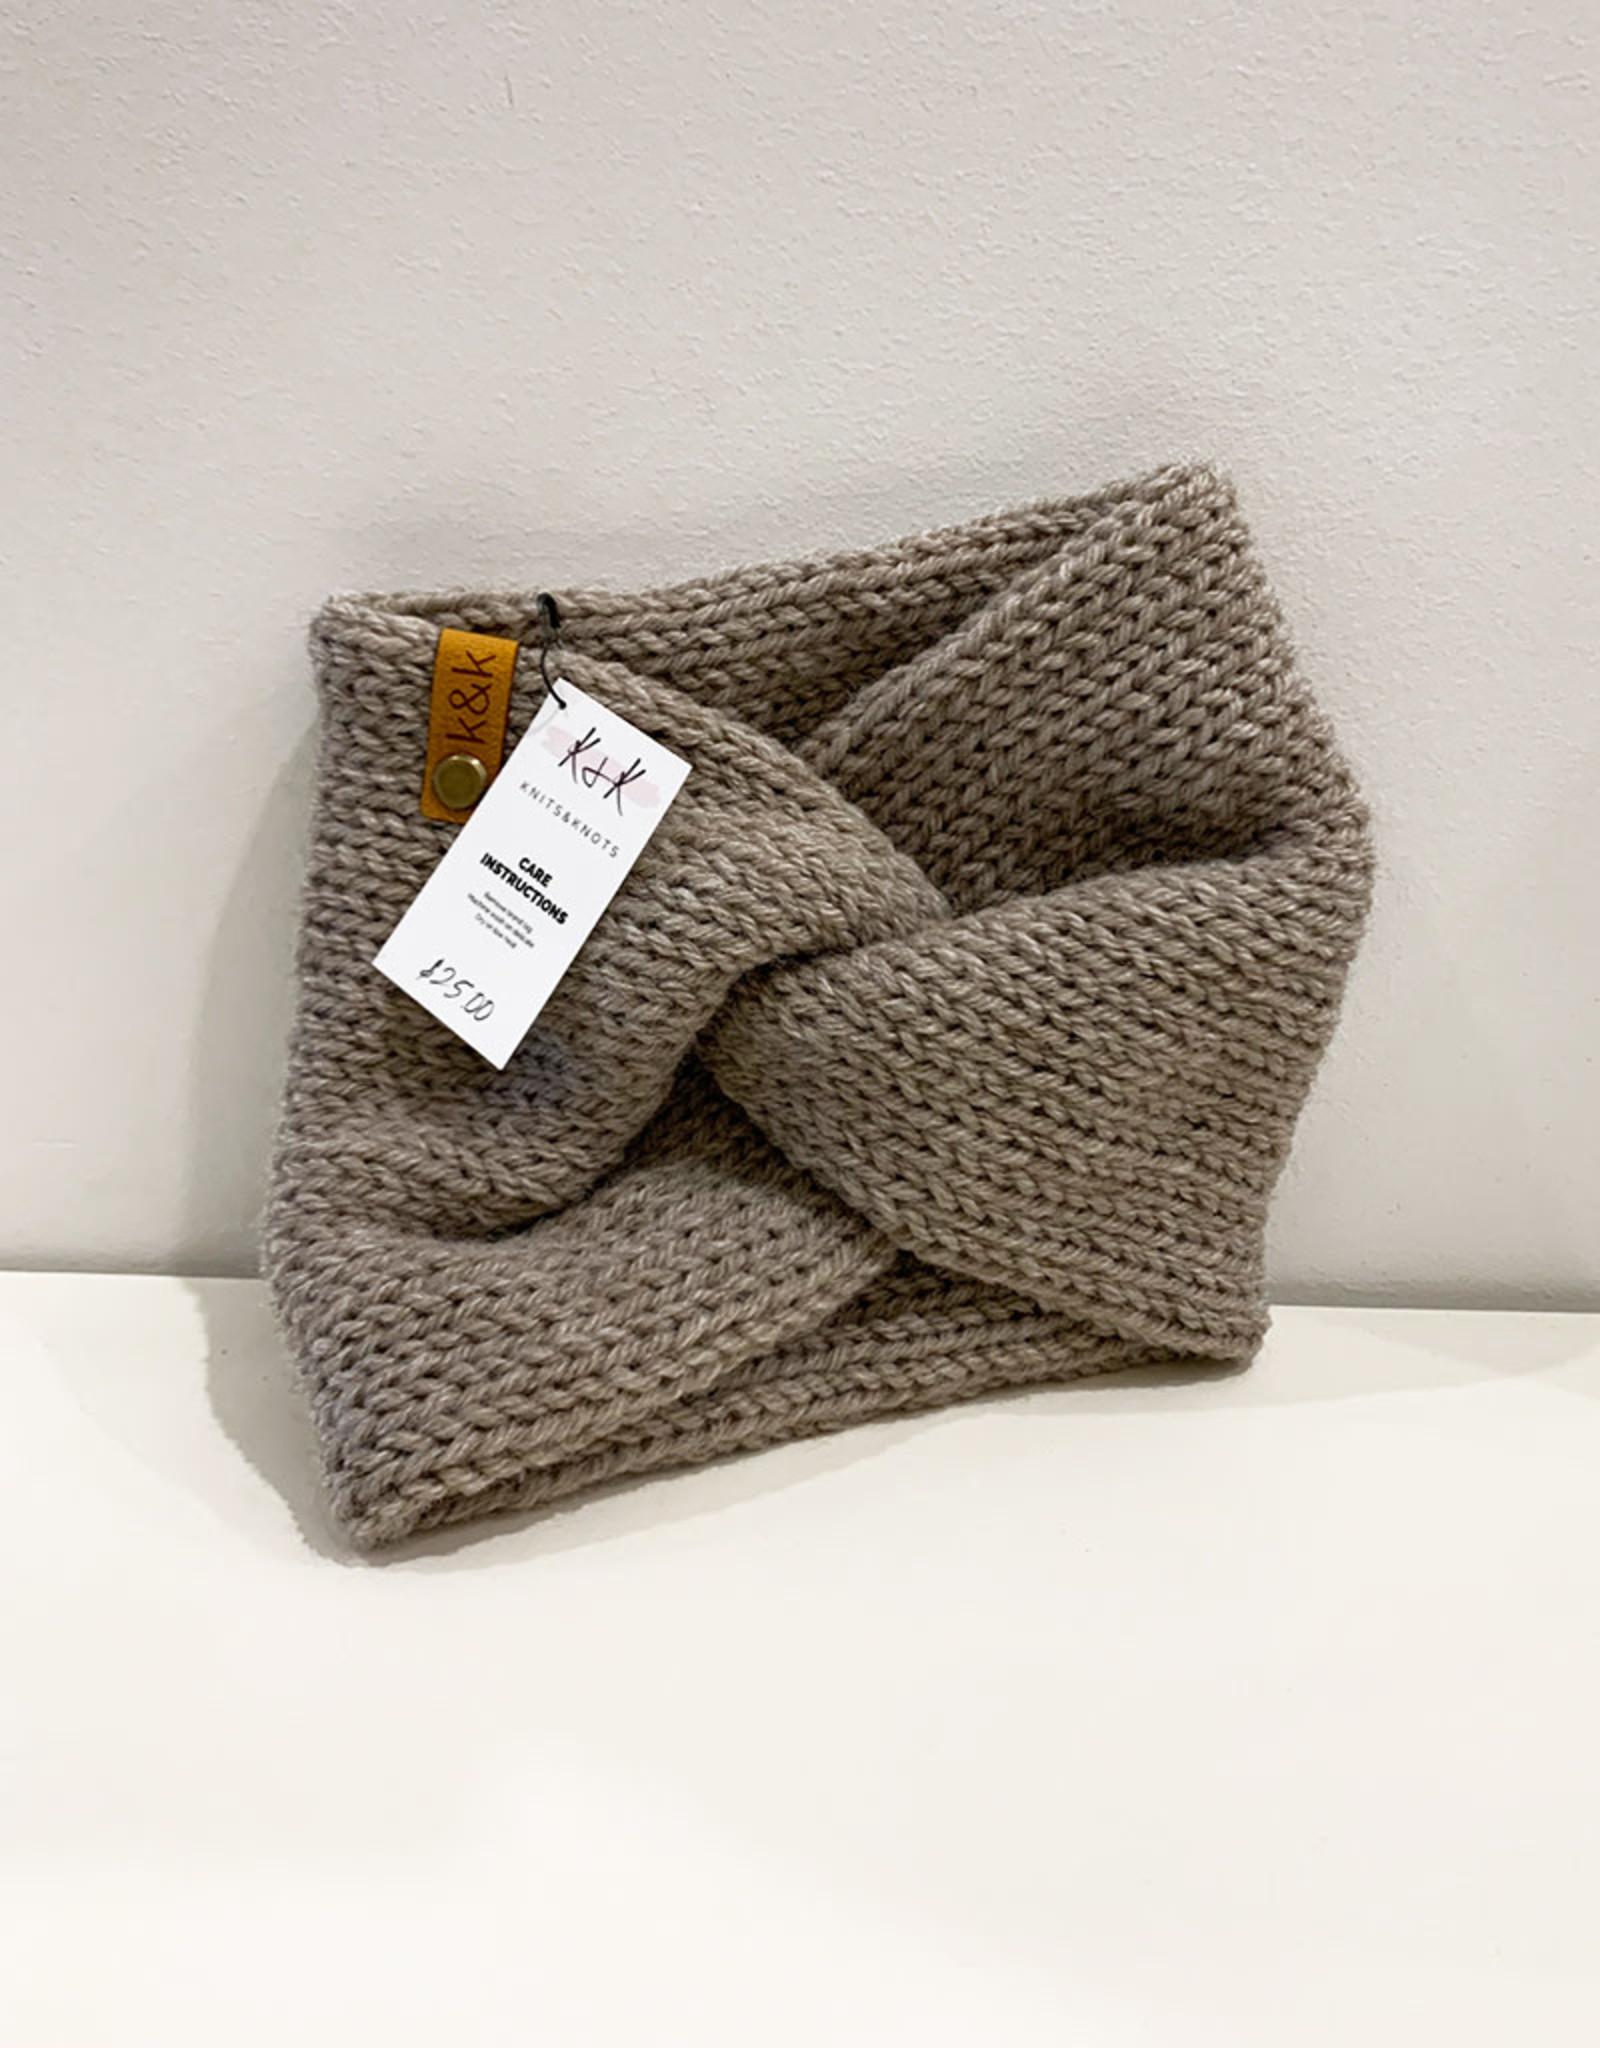 Knit & Knot Knit & Knot - Headbands